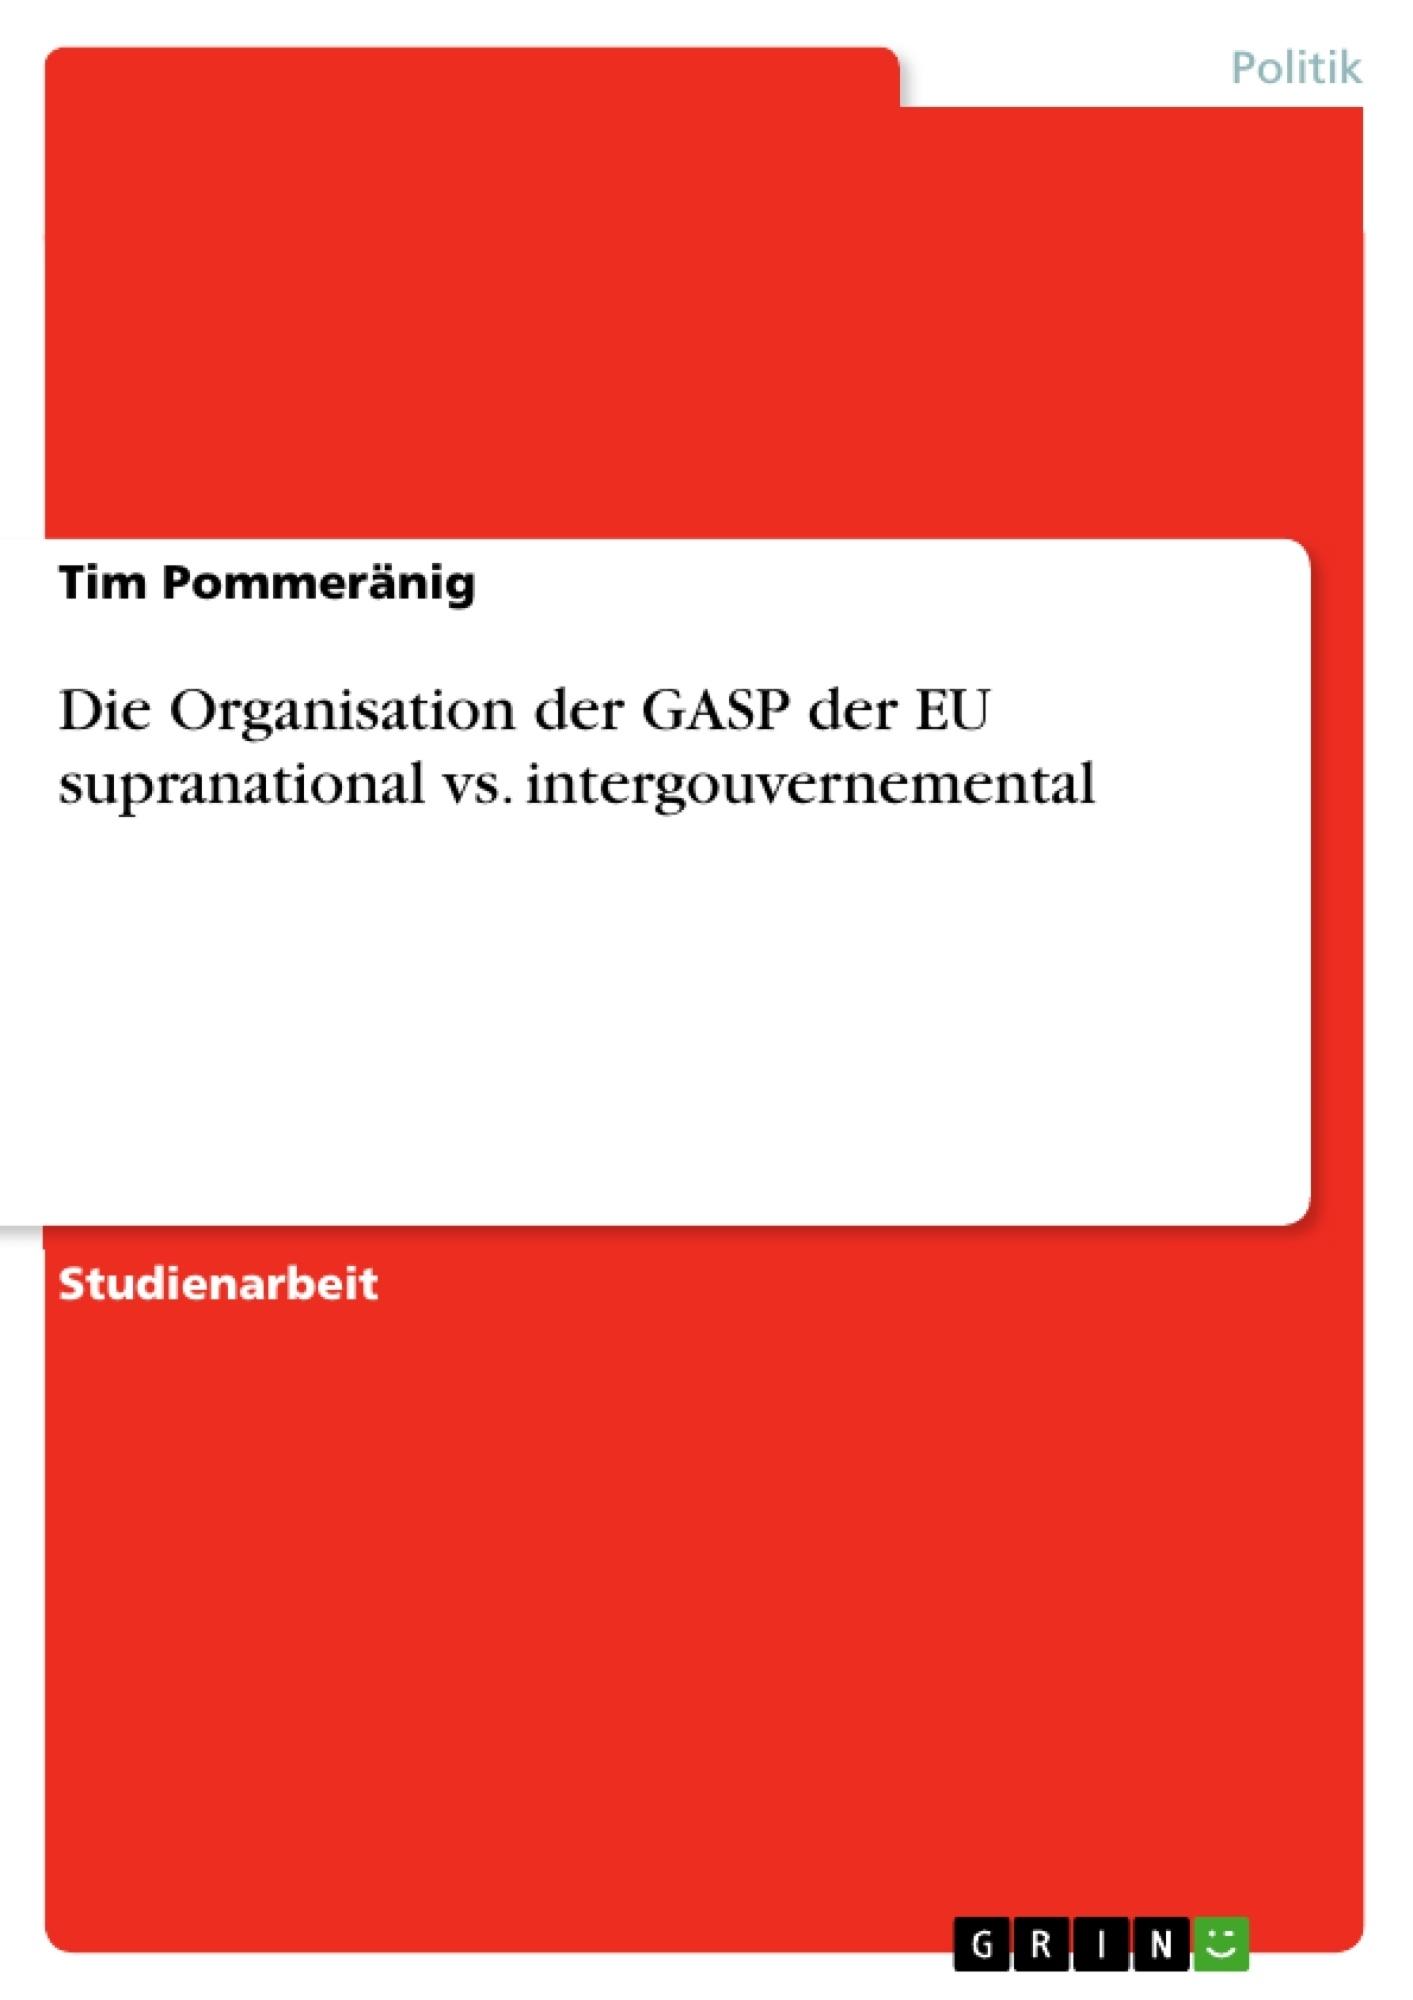 Titel: Die Organisation der GASP der EU supranational vs. intergouvernemental